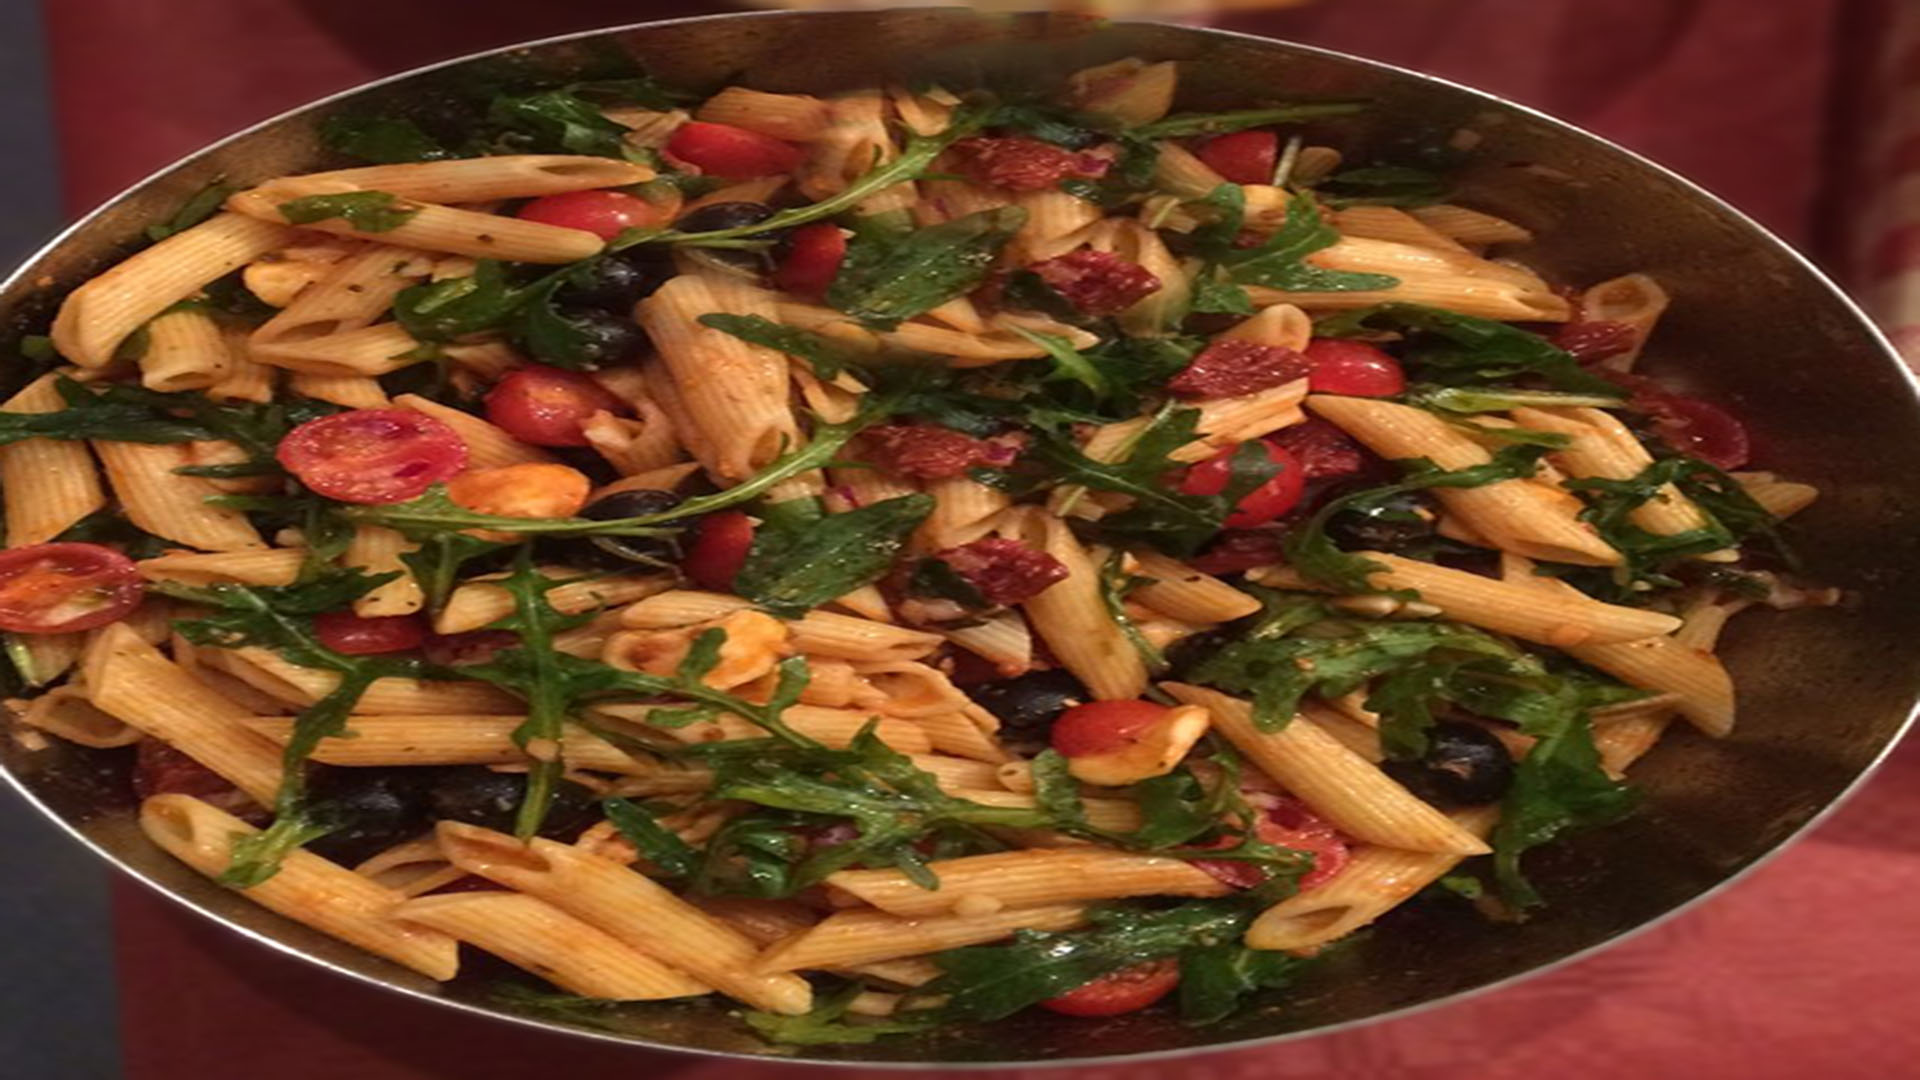 Nudelsalat mit Rucola und Oliven